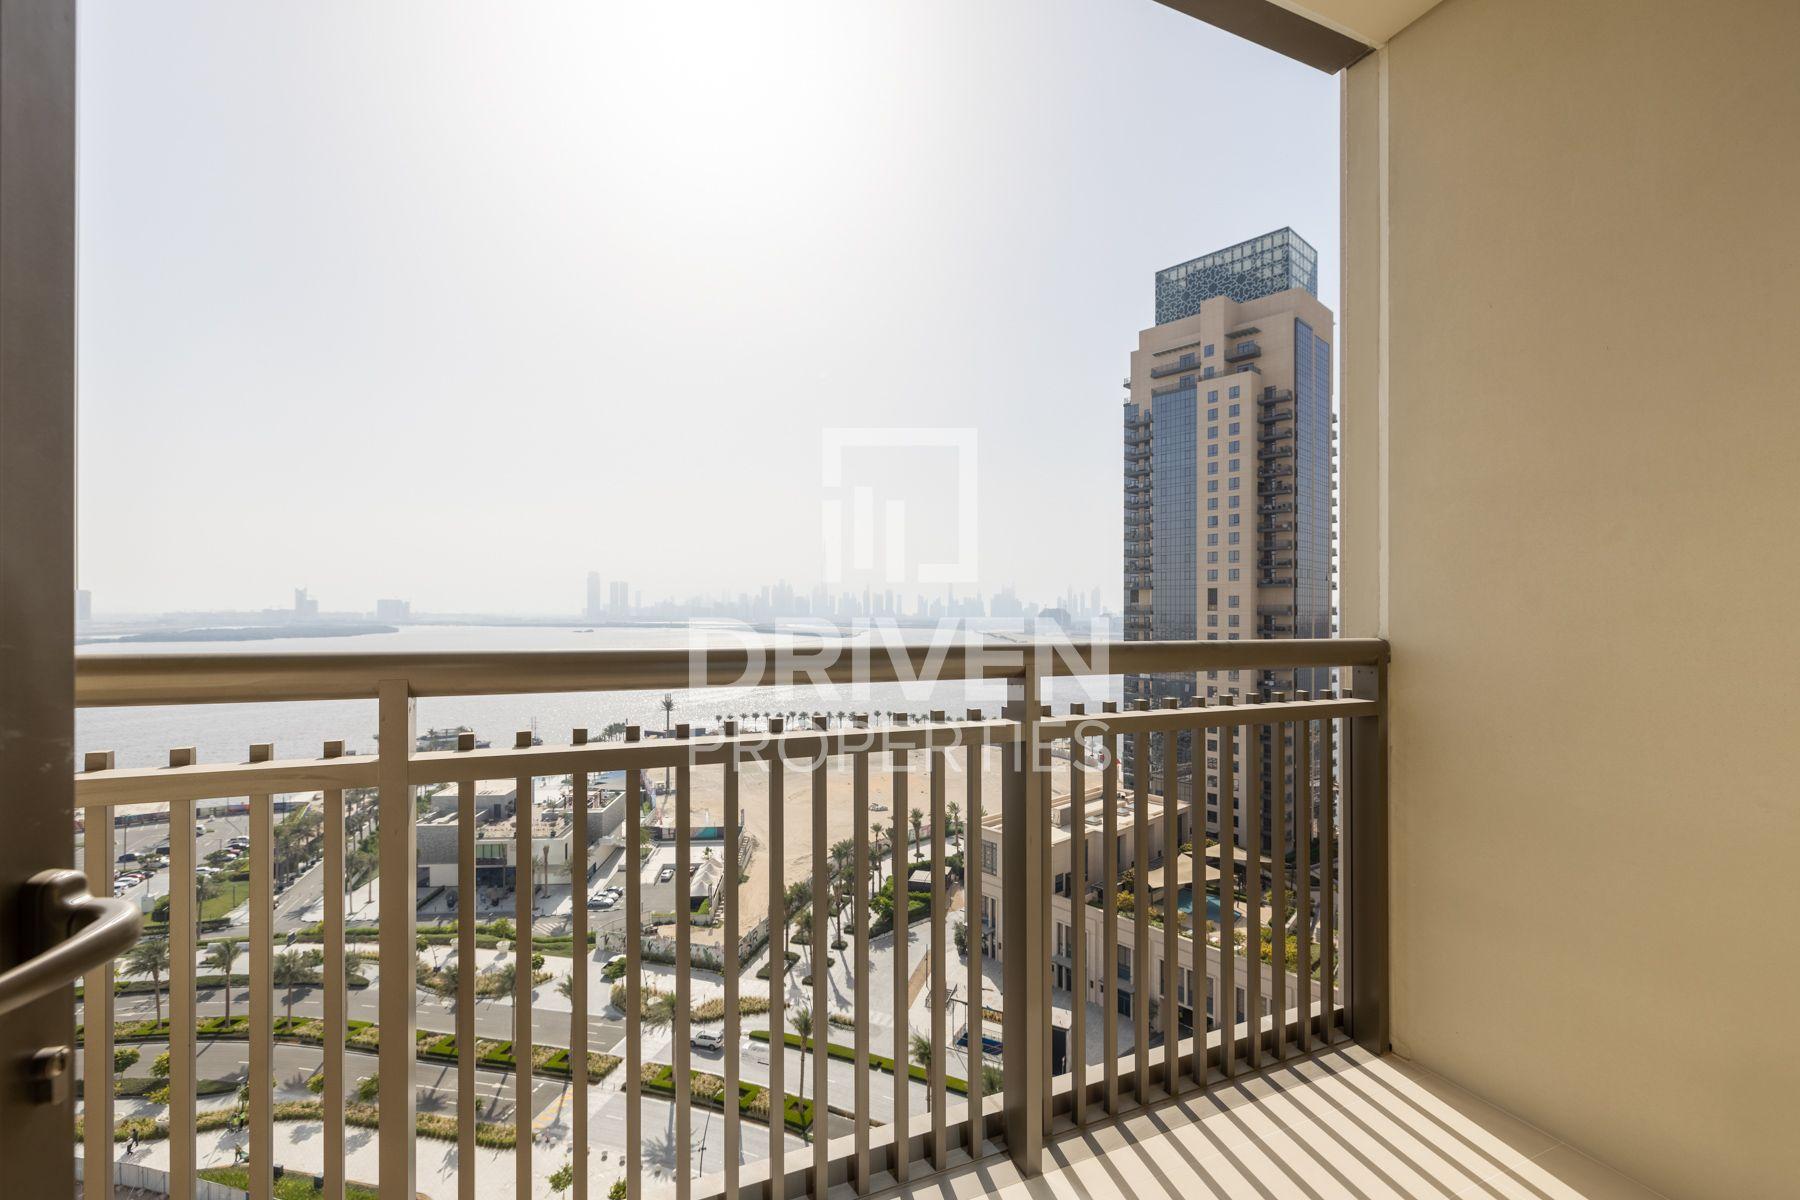 للايجار - شقة - B كريك سايد 18 - ميناء خور دبي